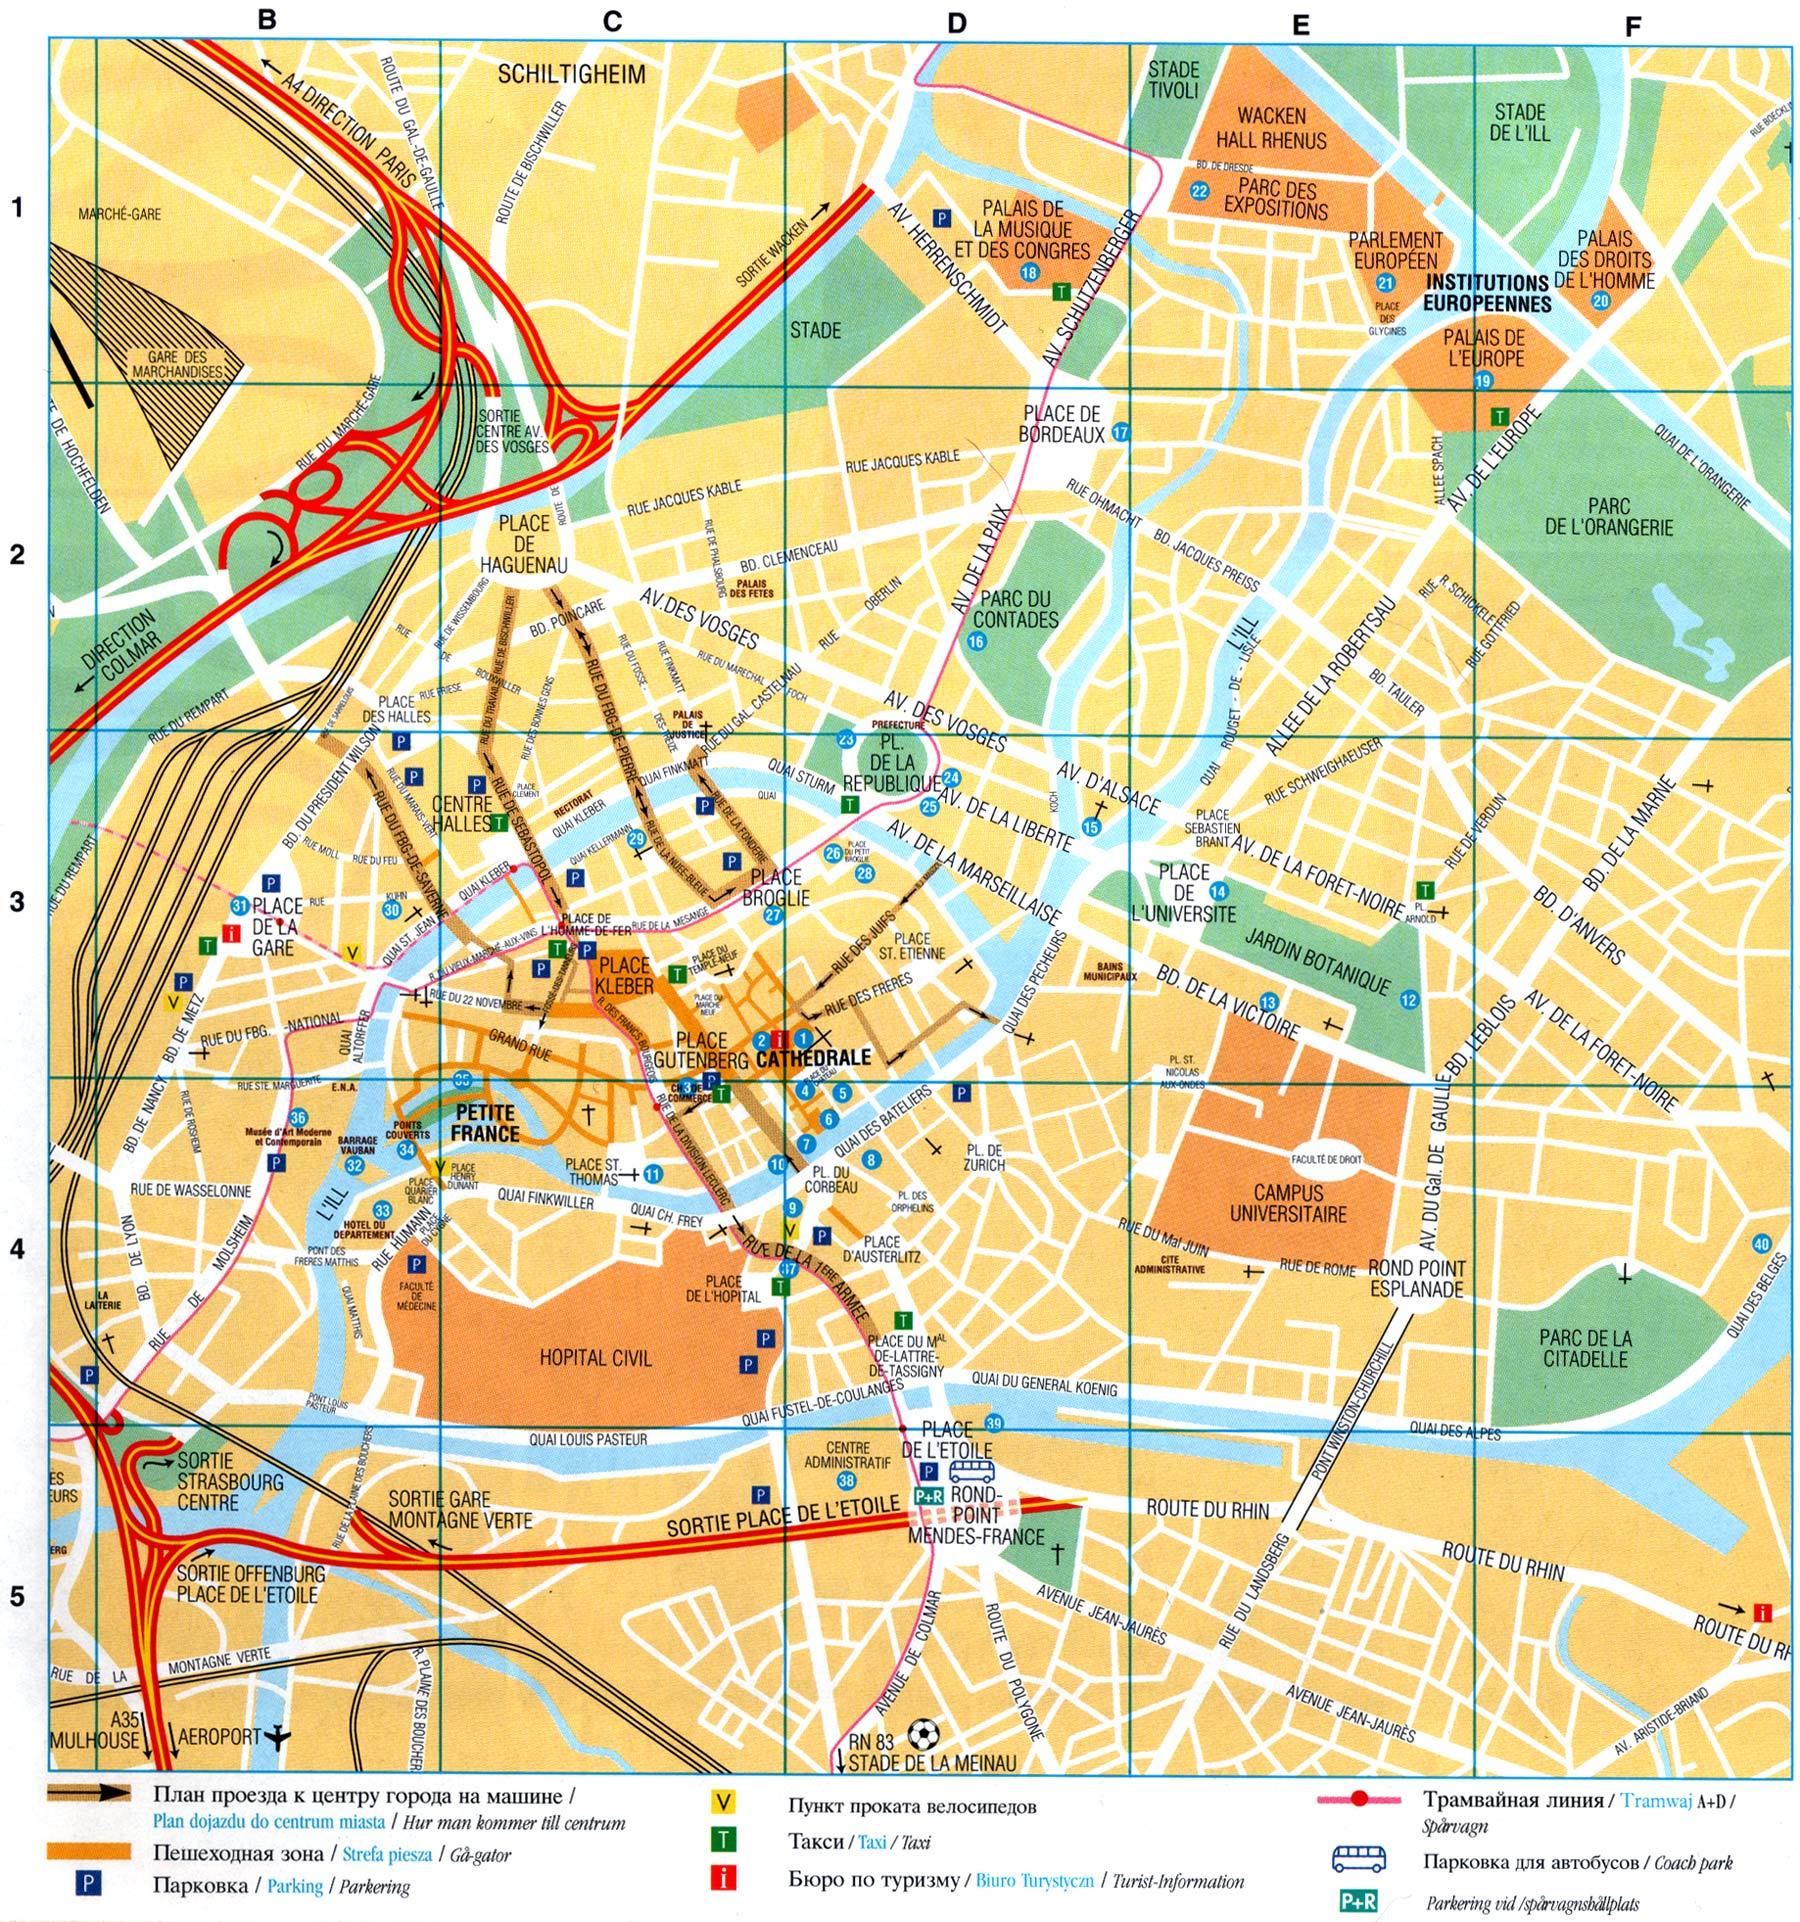 Franciya Karta Goroda Strasburg Strasbourg Stolicy Regiona